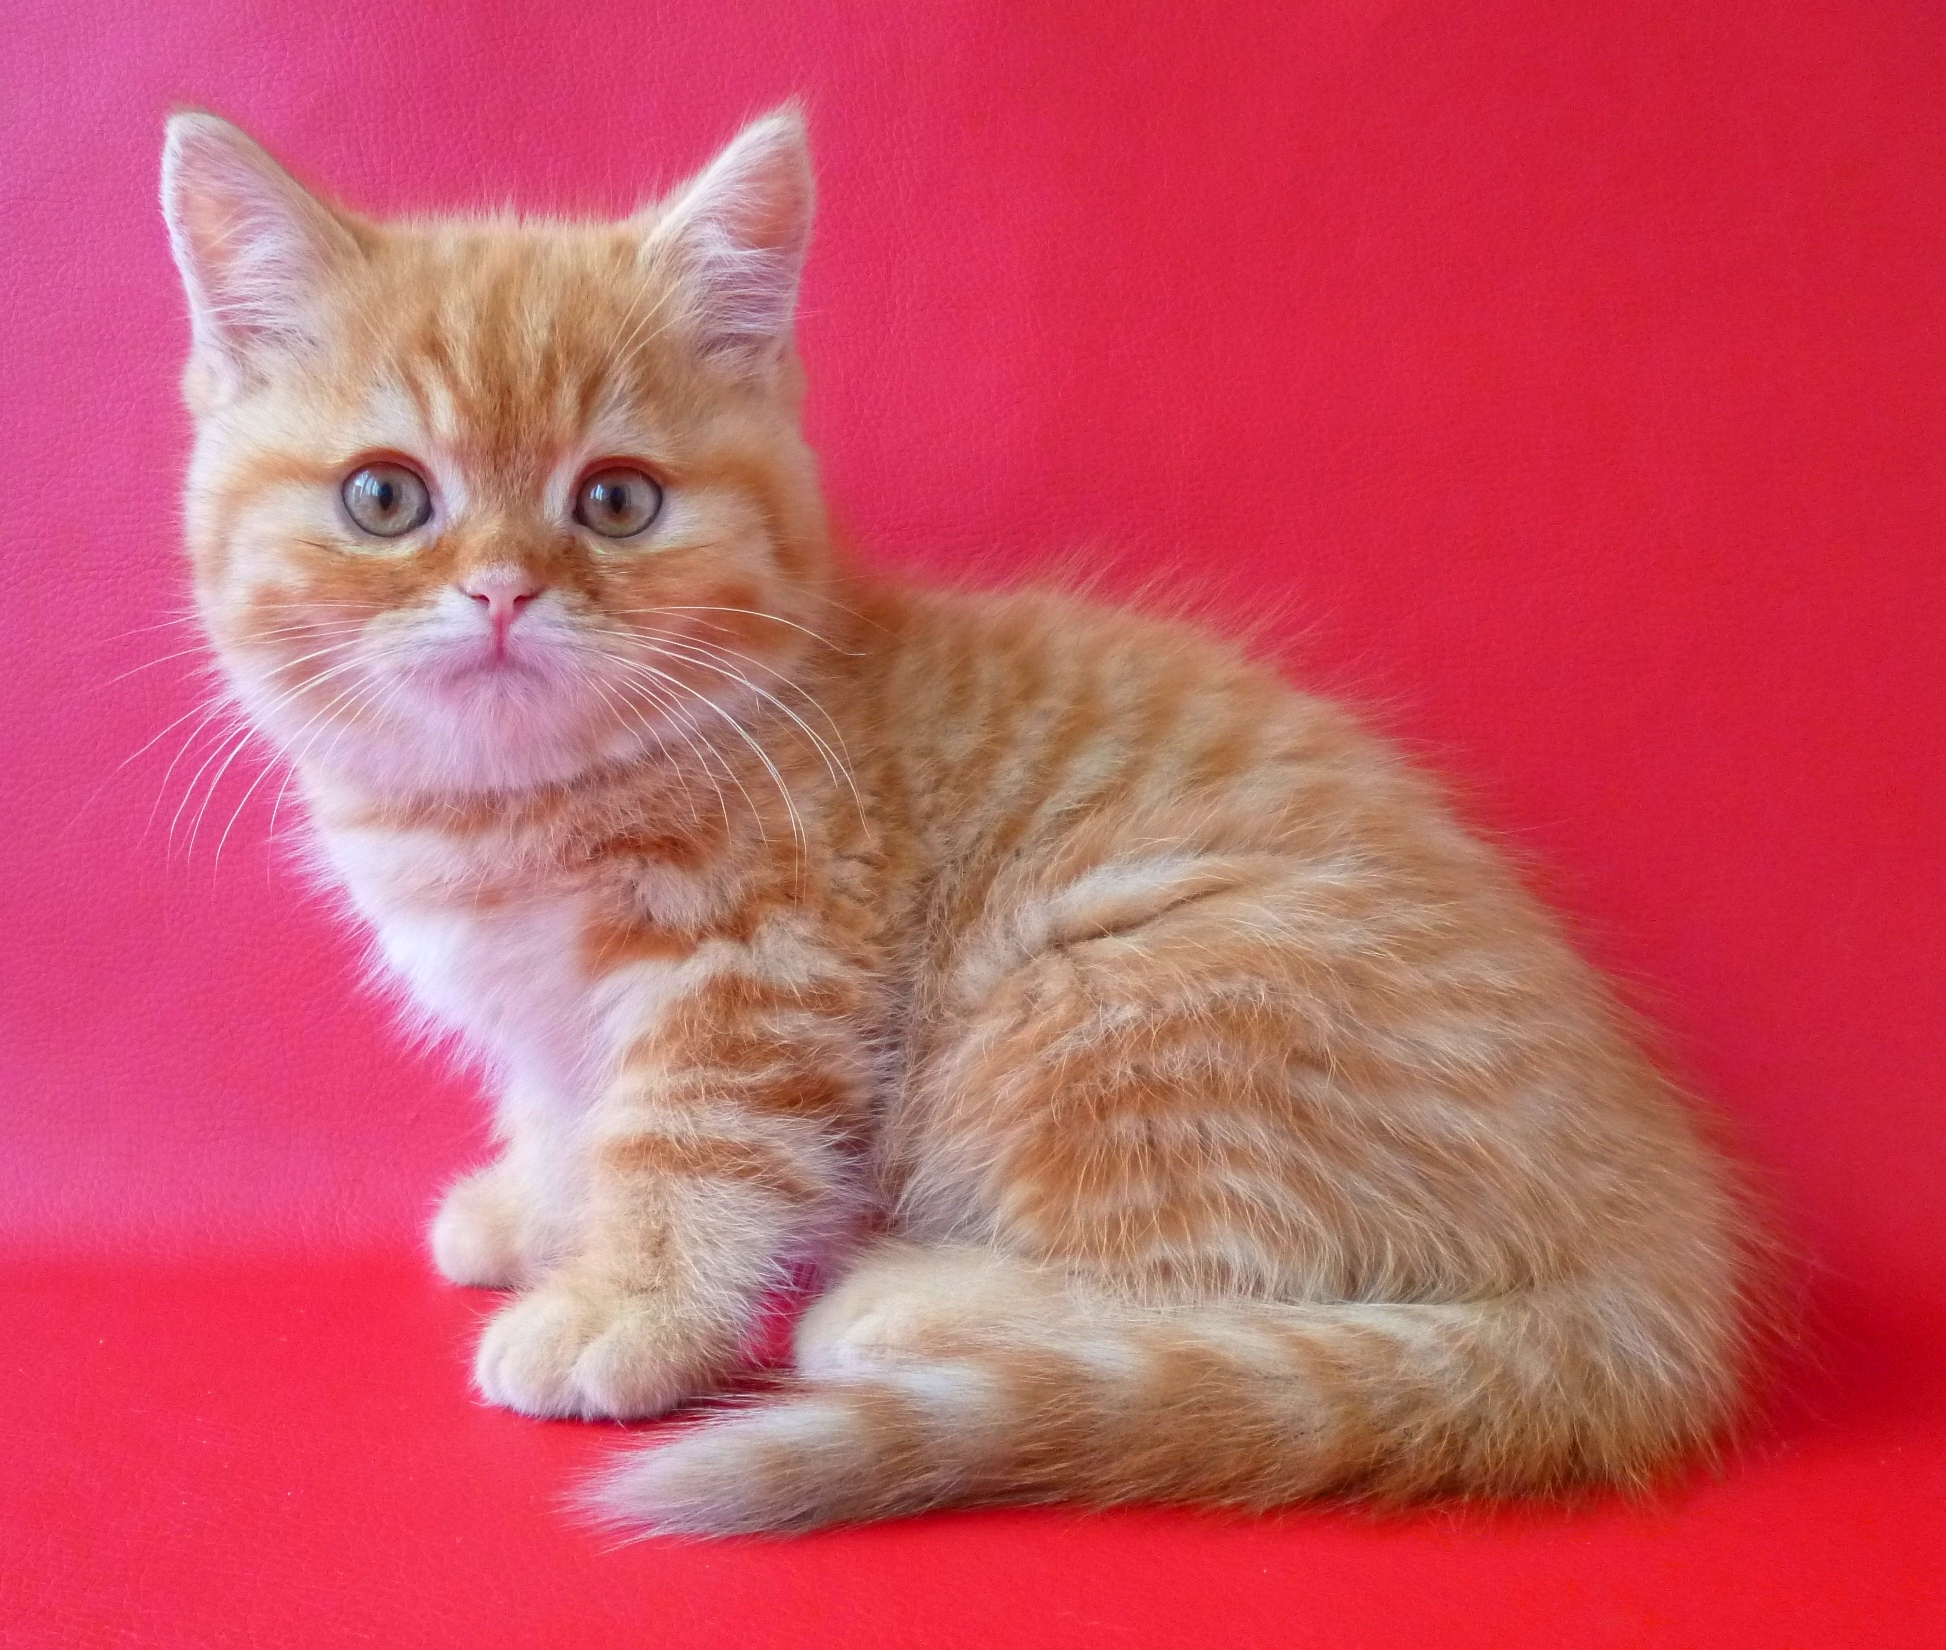 Кошки фото  шотландские вислоухие и прямоухие окрас кошек